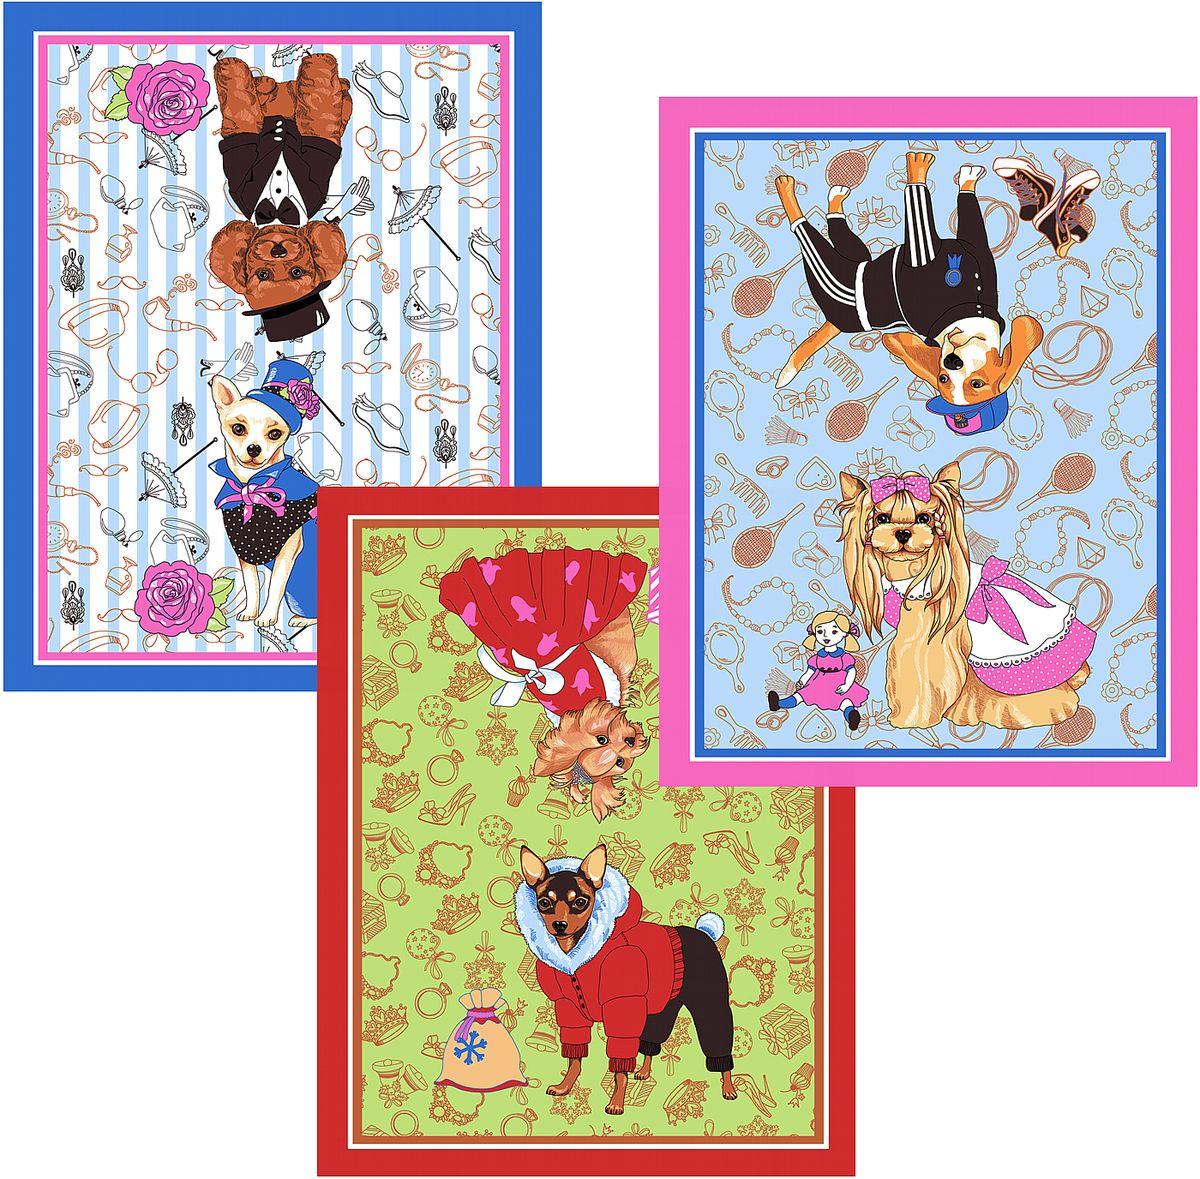 Набор кухонных полотенец Мультидом Собака-модница, цвет: синий, красный, розовый, 48 х 62 см, 3 шт набор для педикюра 3 предмета мультидом цвет салатовый